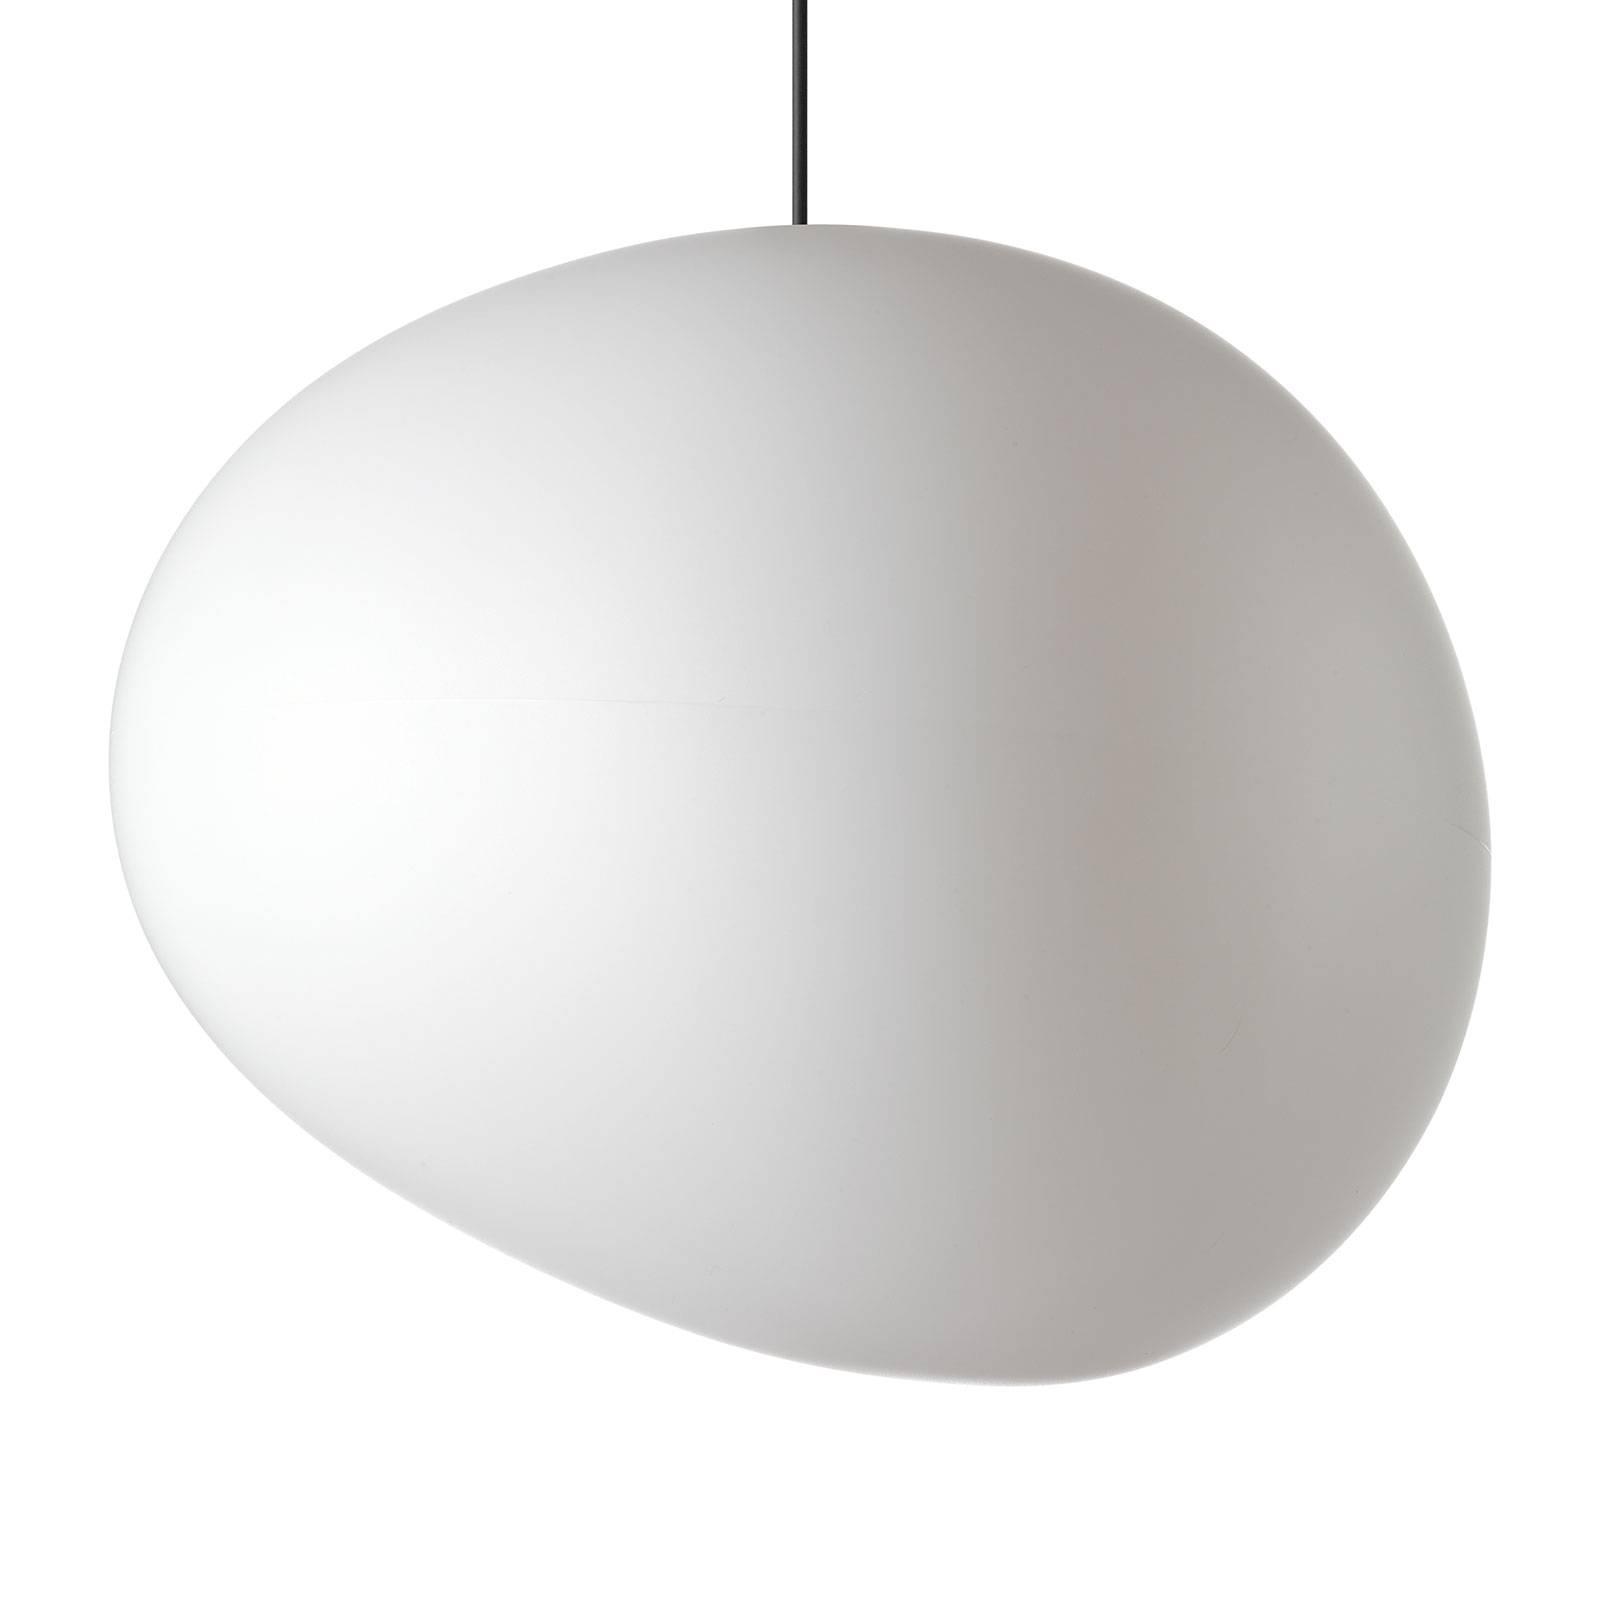 Foscarini MyLight Gregg grande LED-Hängeleuchte